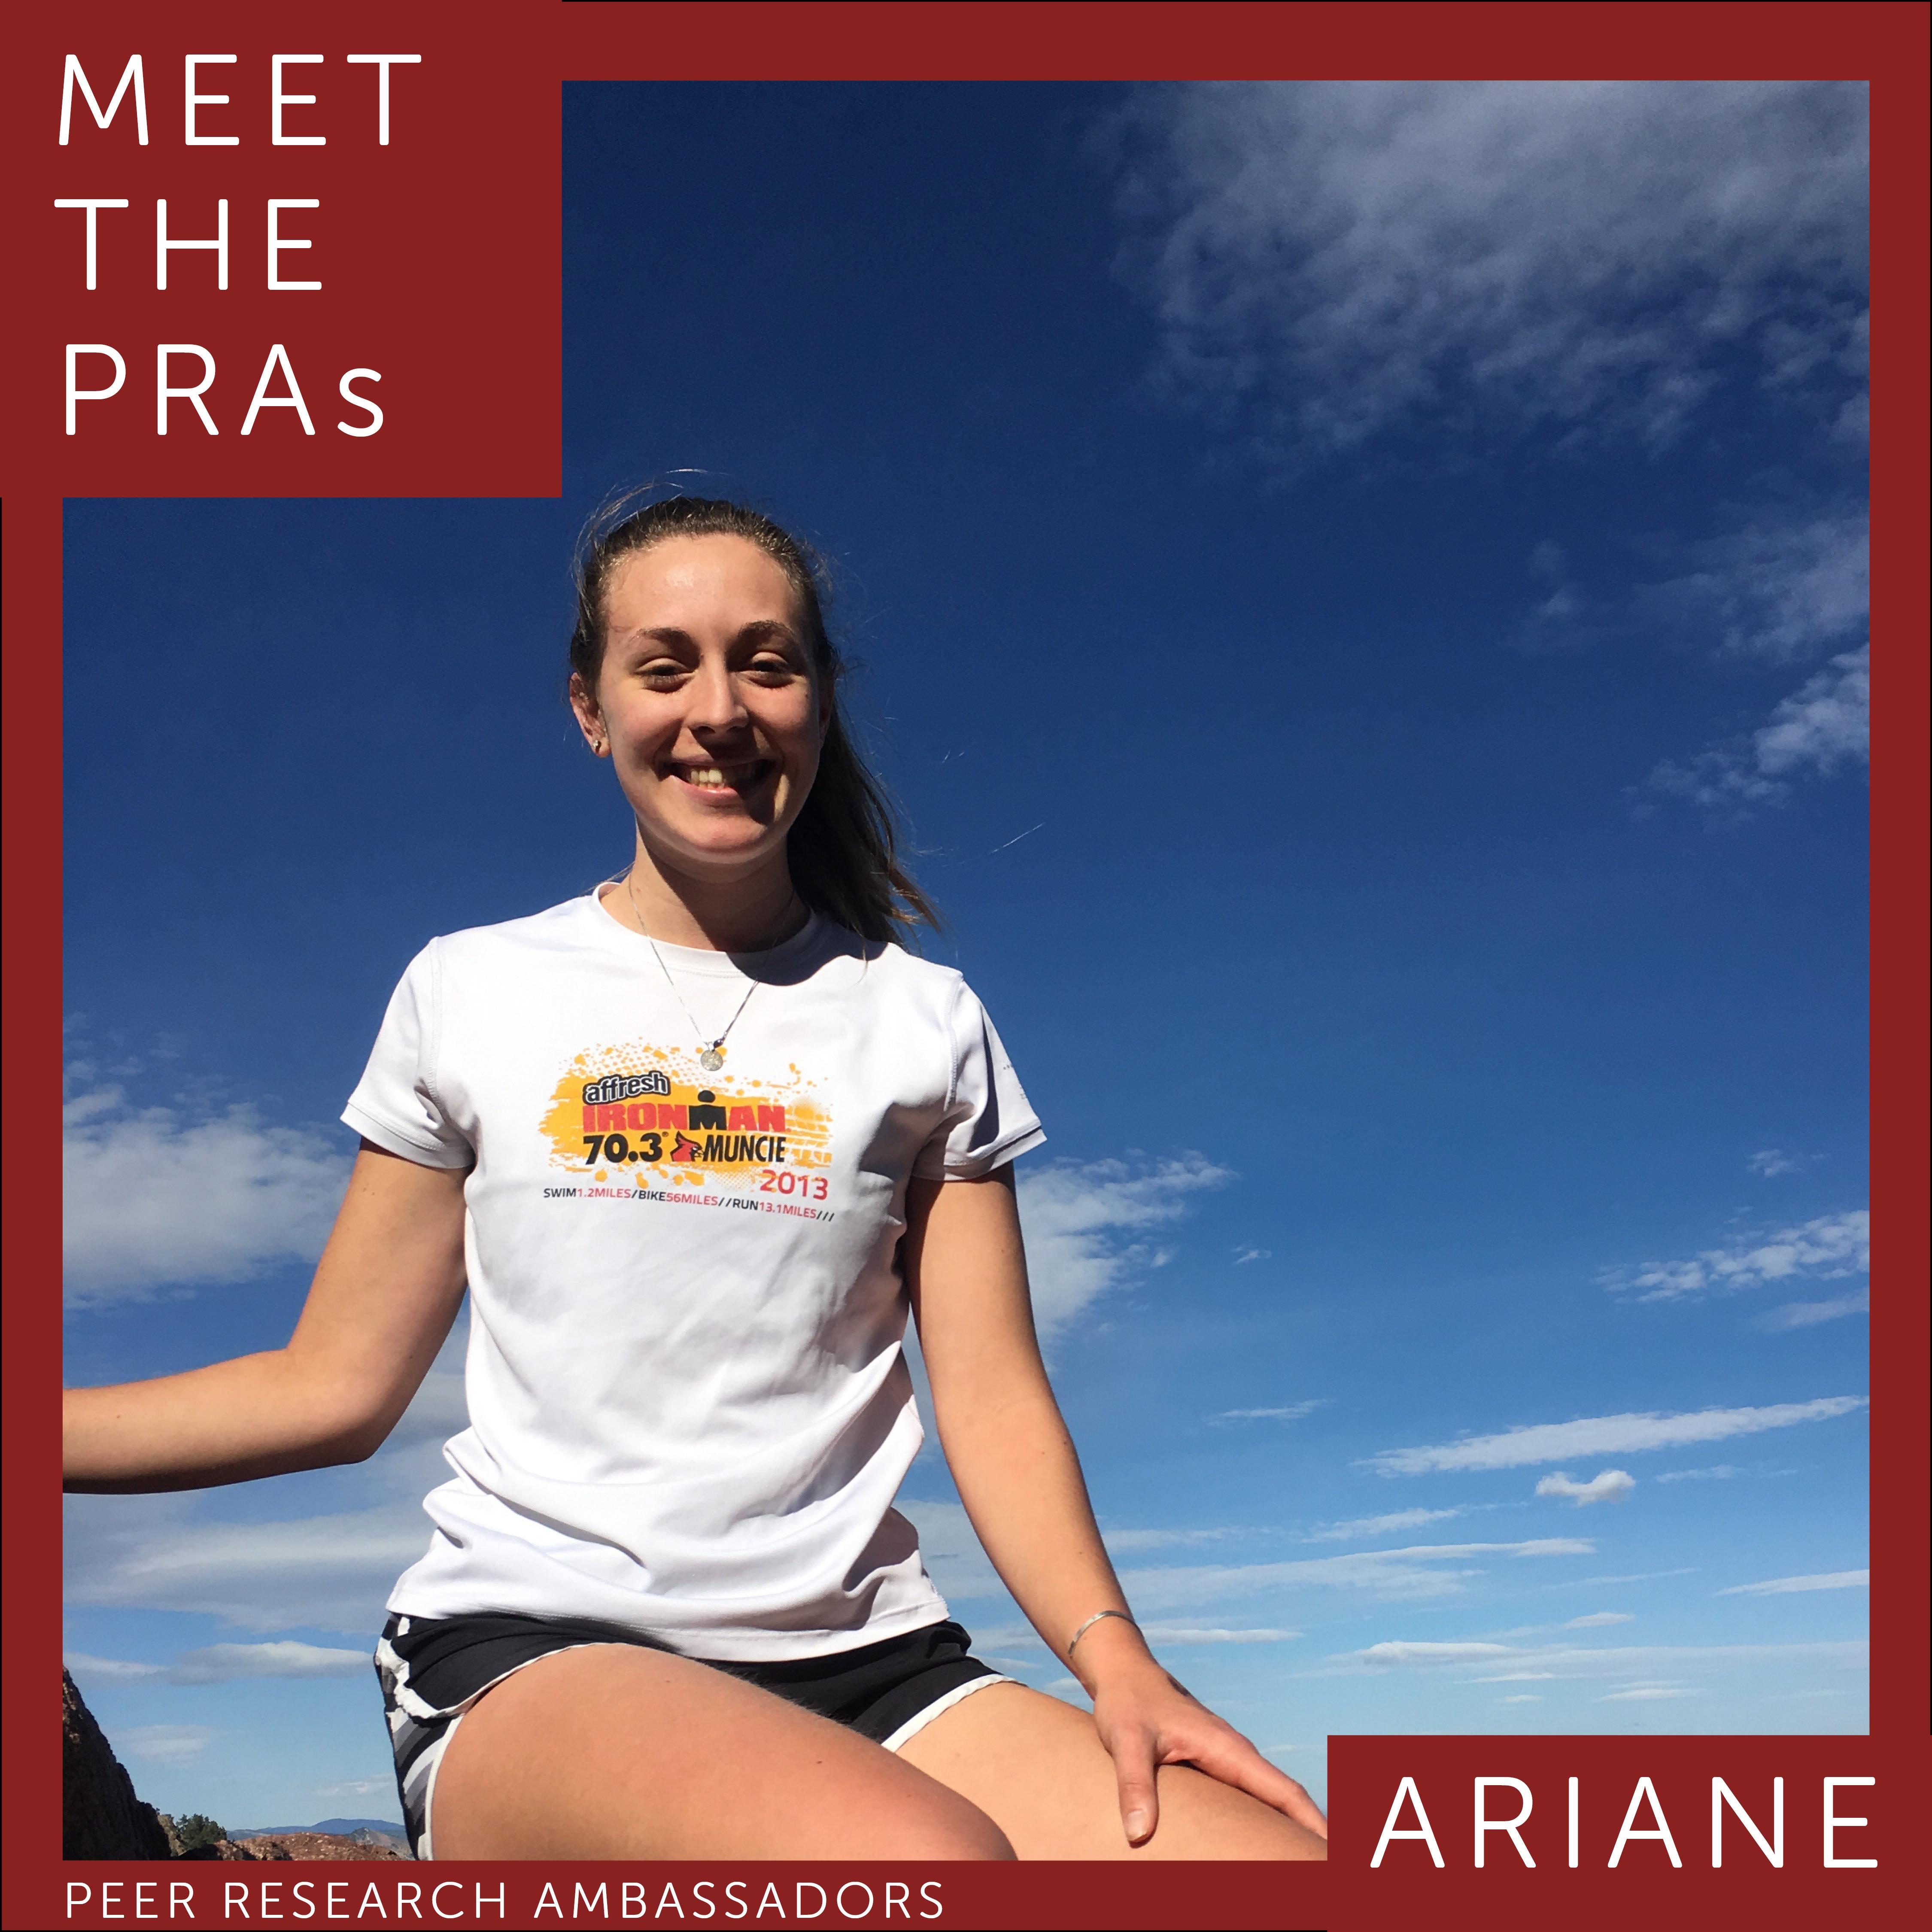 Meet the PRAs. Ariane.